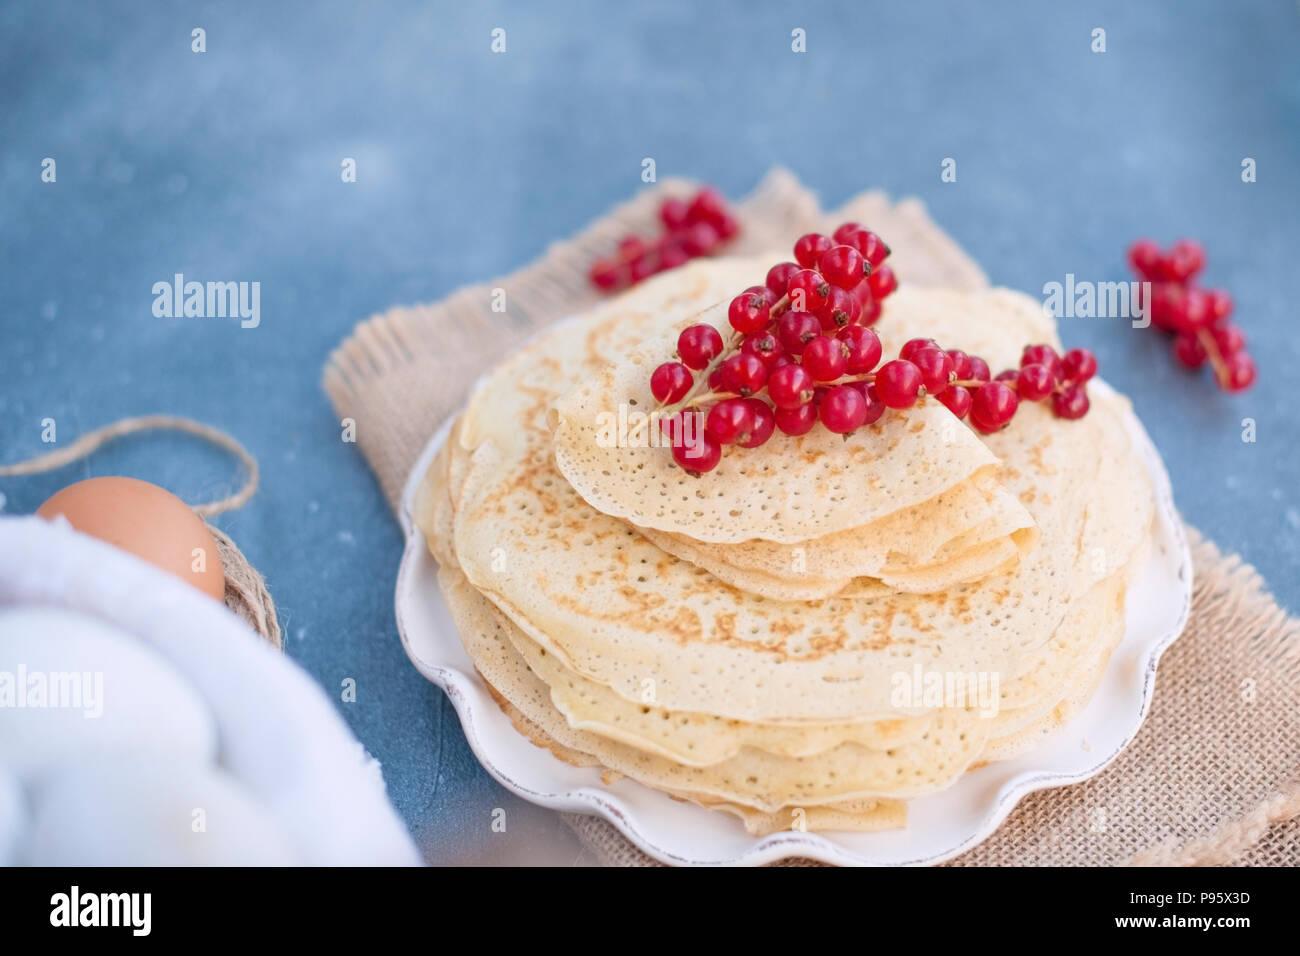 Sweet pancakes légers. russe traditionnelle au printemps. Traiter de fête. Un petit-déjeuner maison. Espace libre pour le texte ou une carte postale. Photo Stock